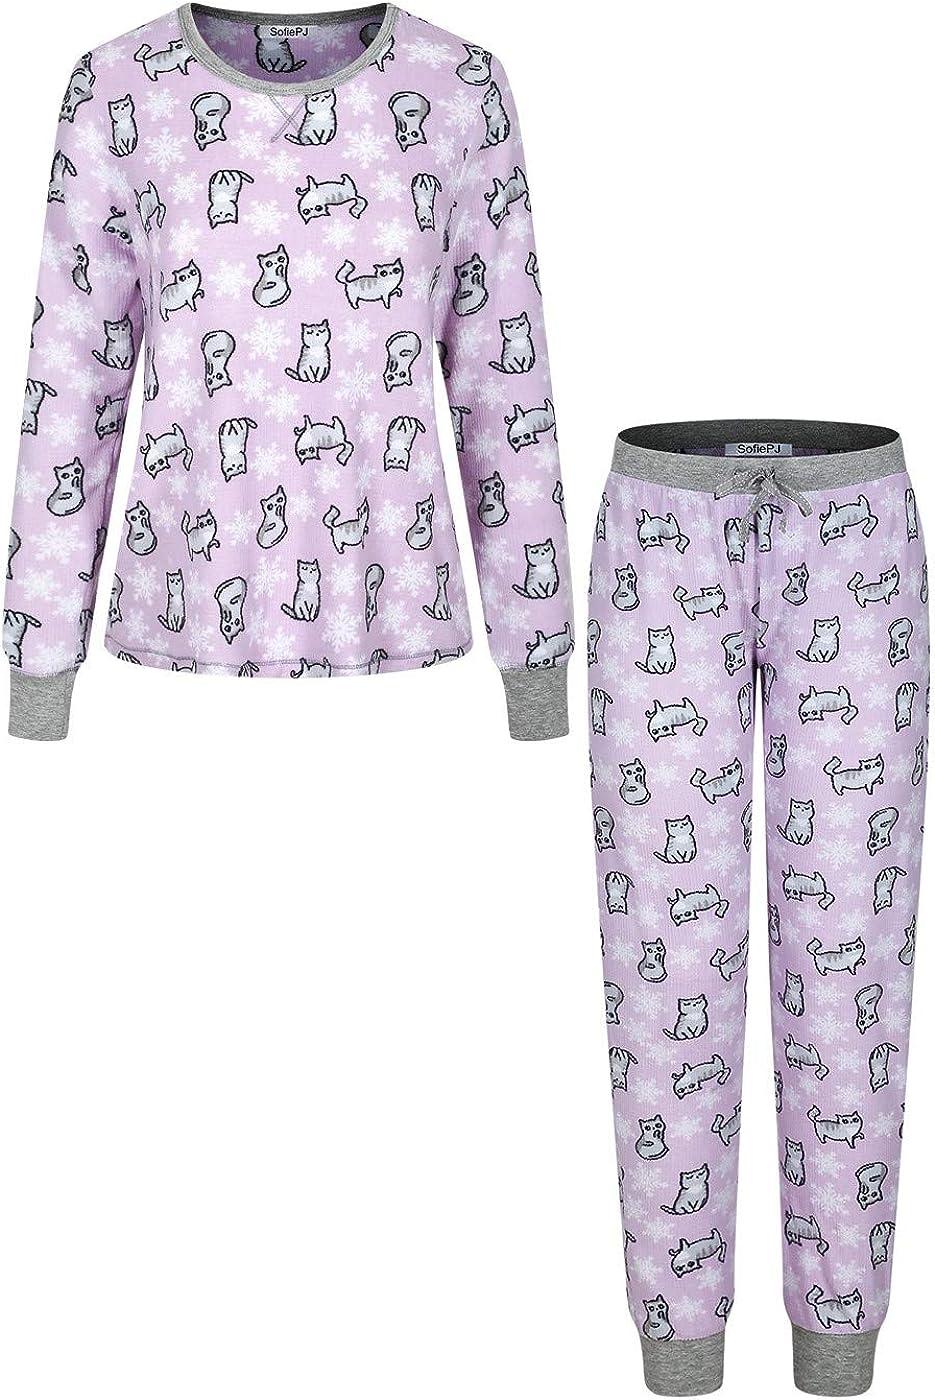 Pijamas lidl